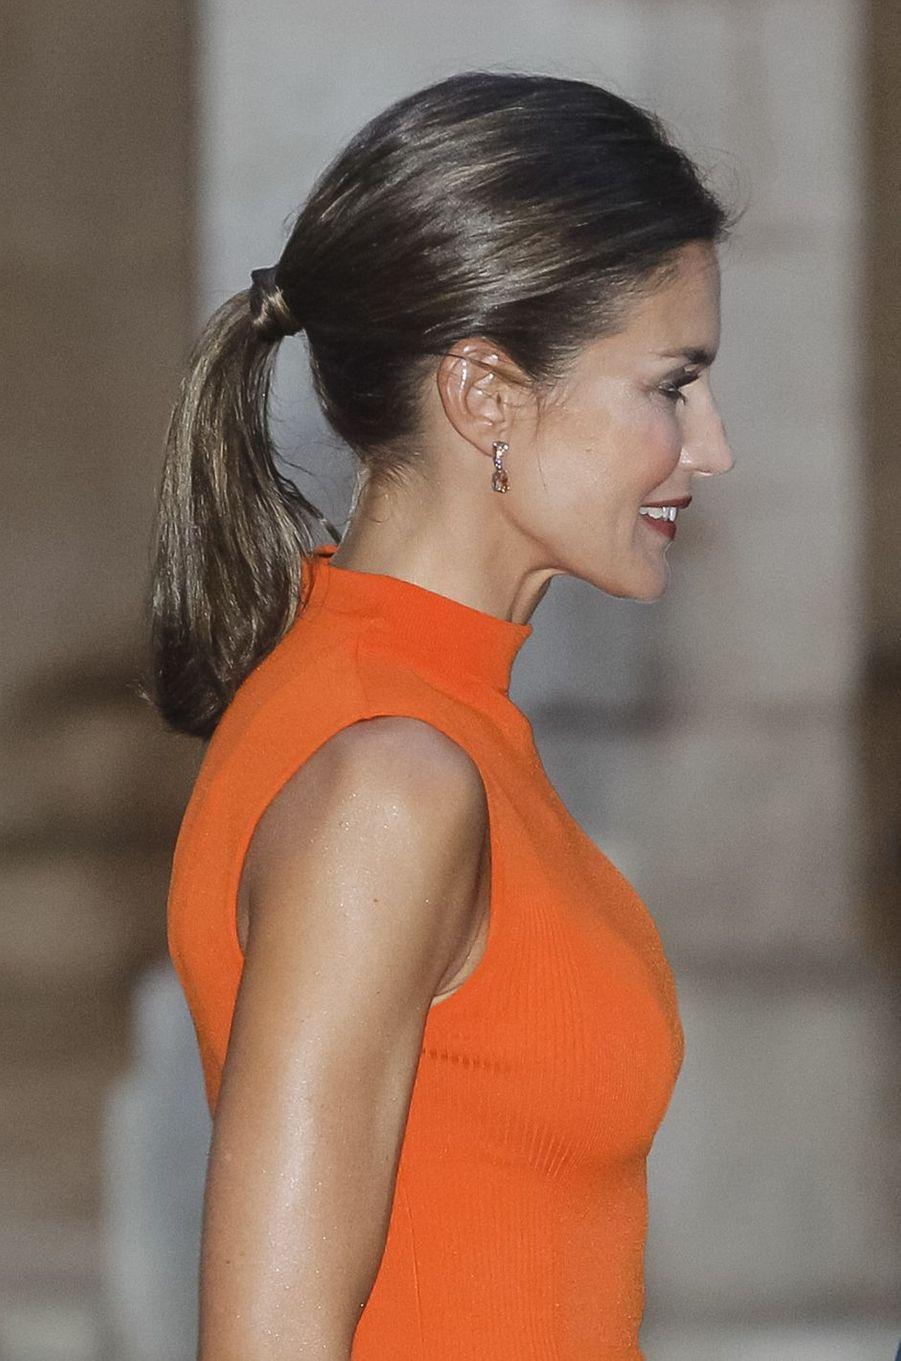 La reine Letizia d'Espagne à Palma de Majorque, le 3 août 2018